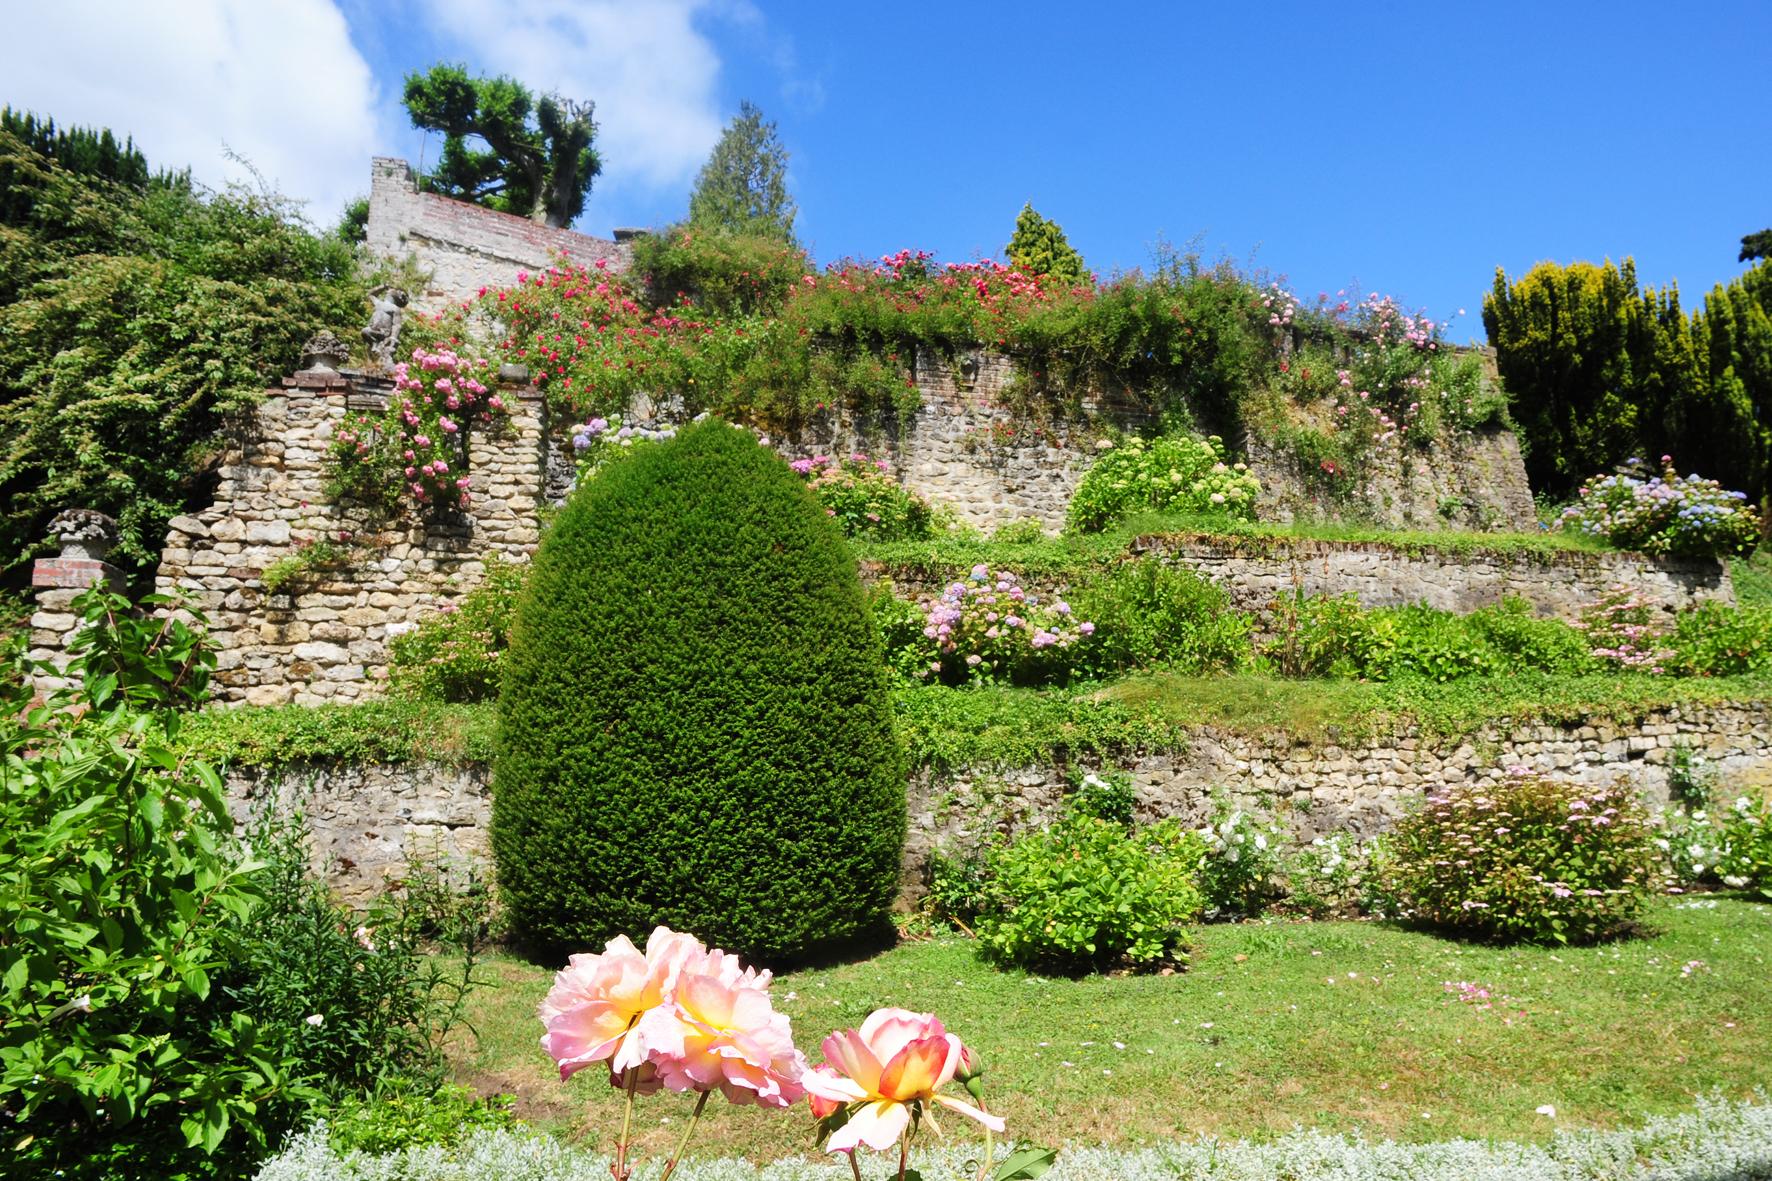 l'entrée des Jardins et les Terrasses à l'Italienne